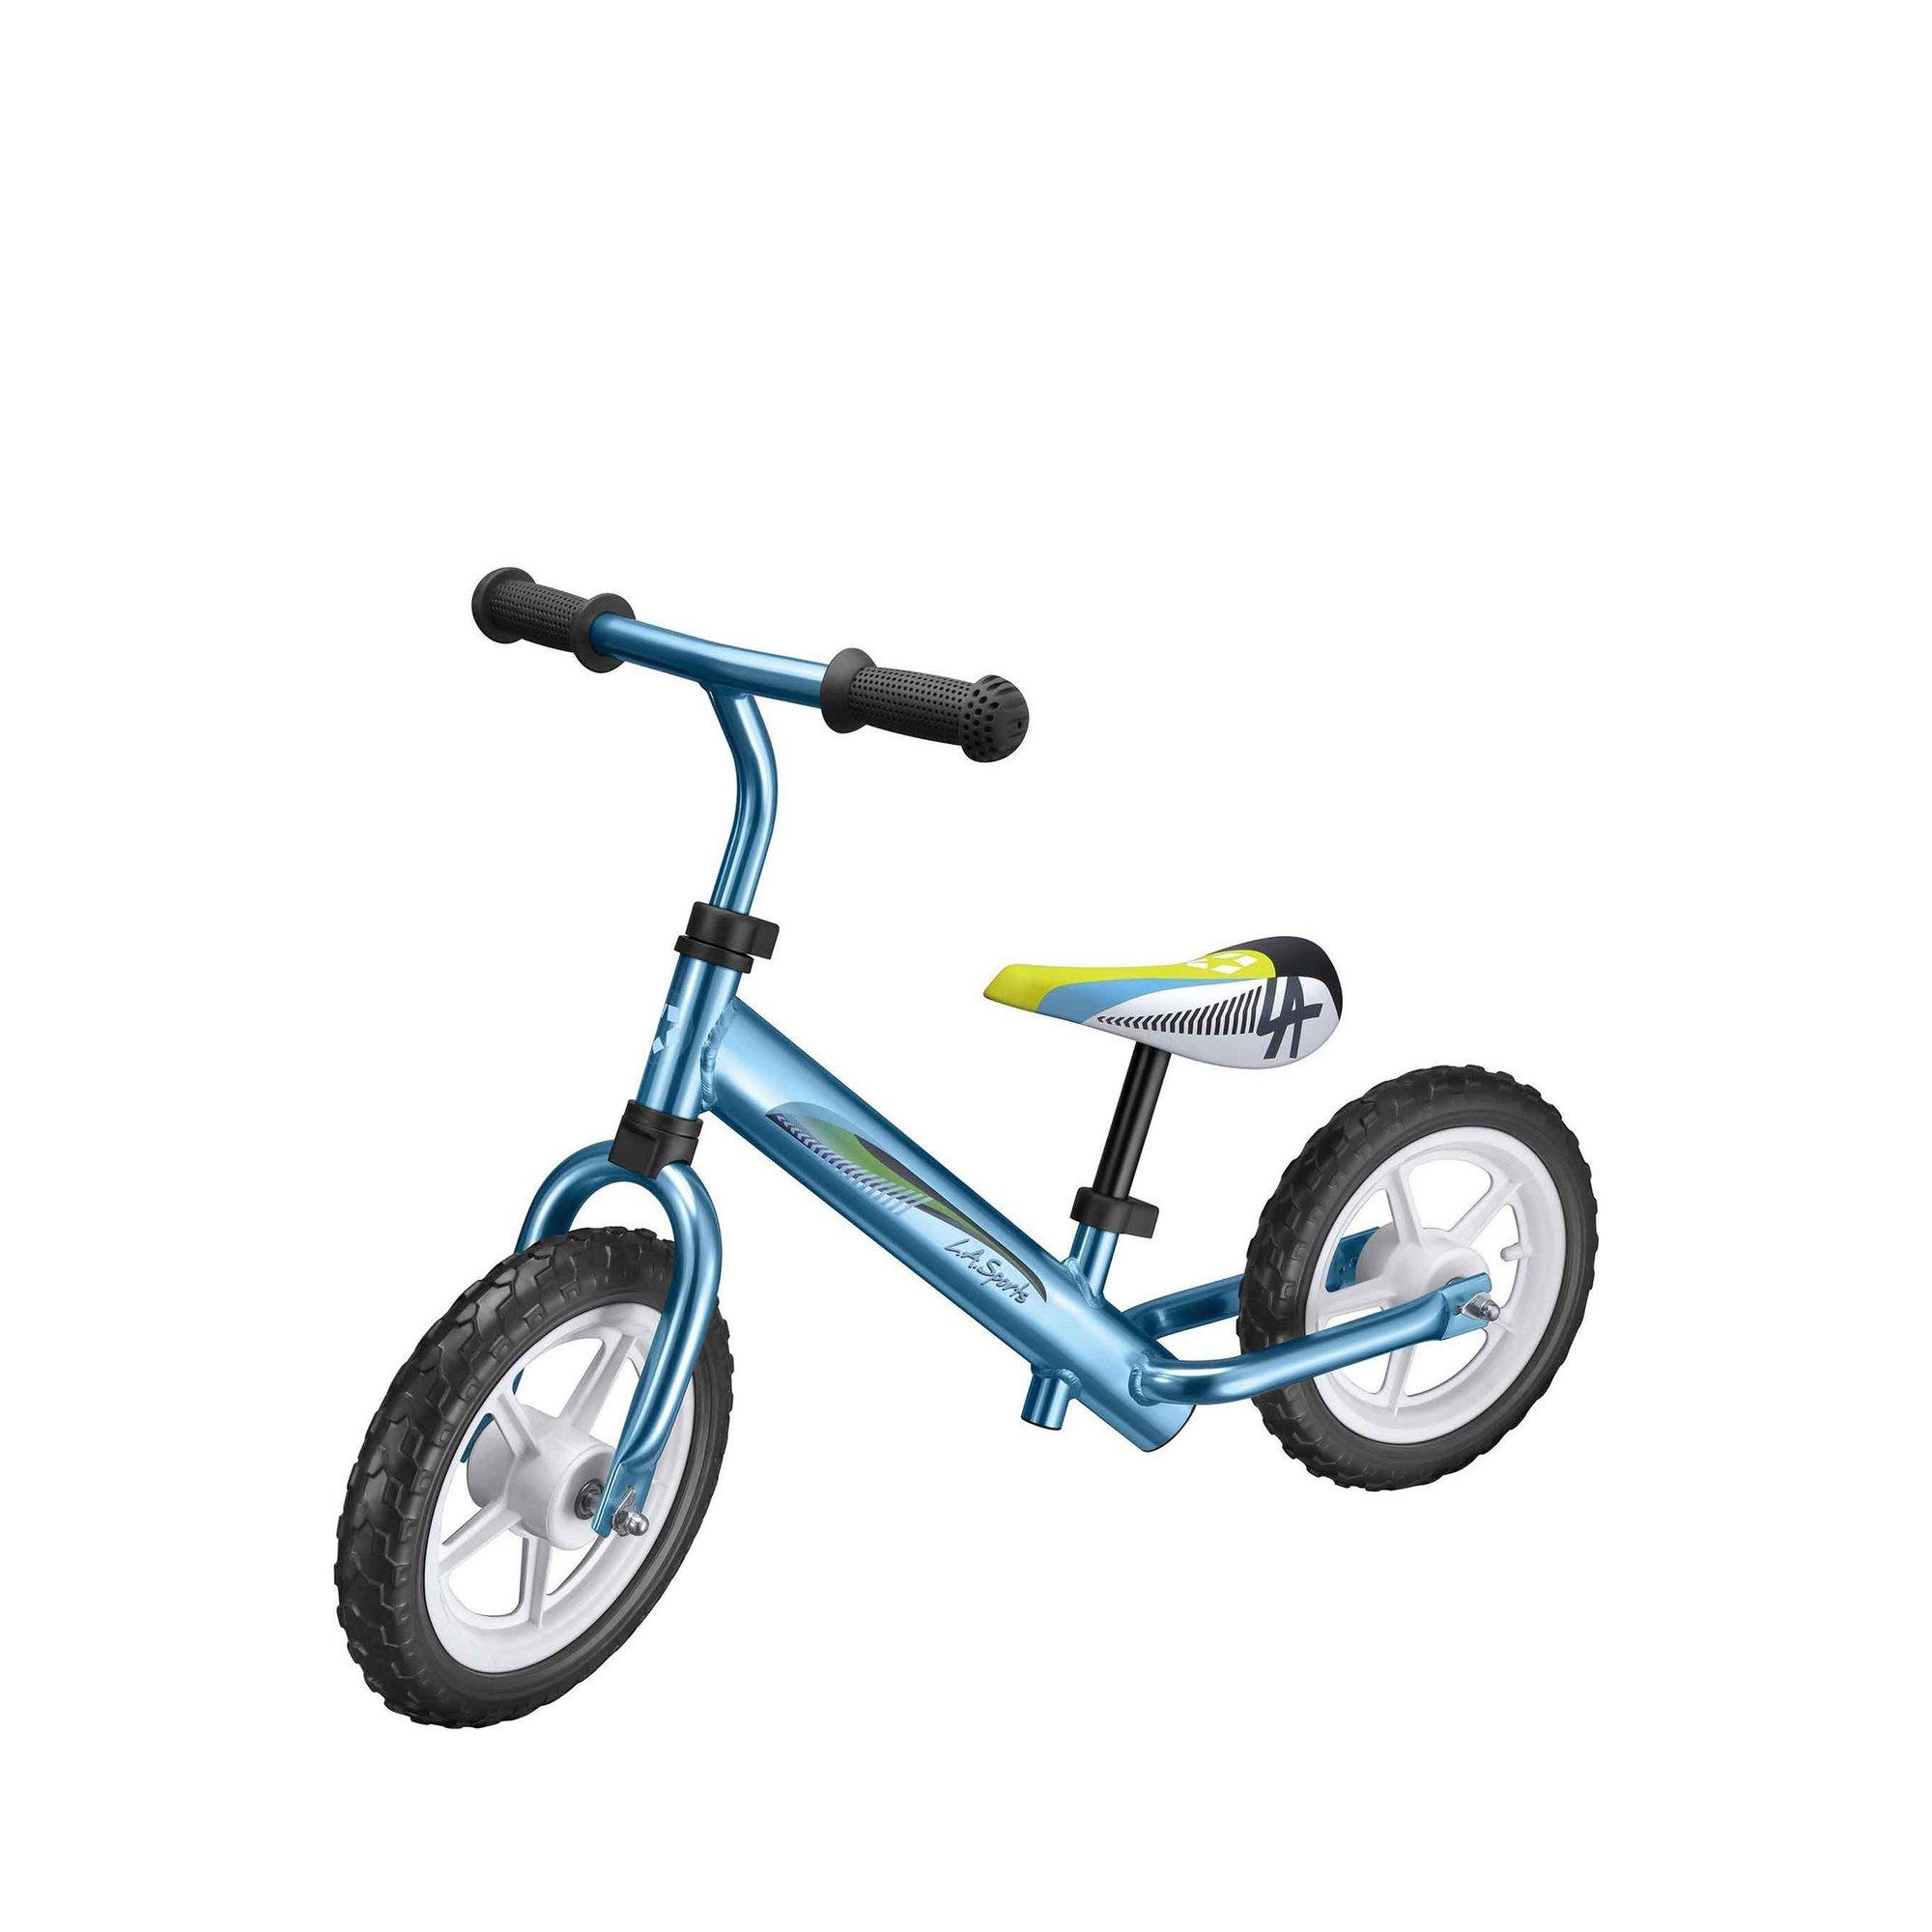 Image of LA Sports Kids Balance (Running) Bike